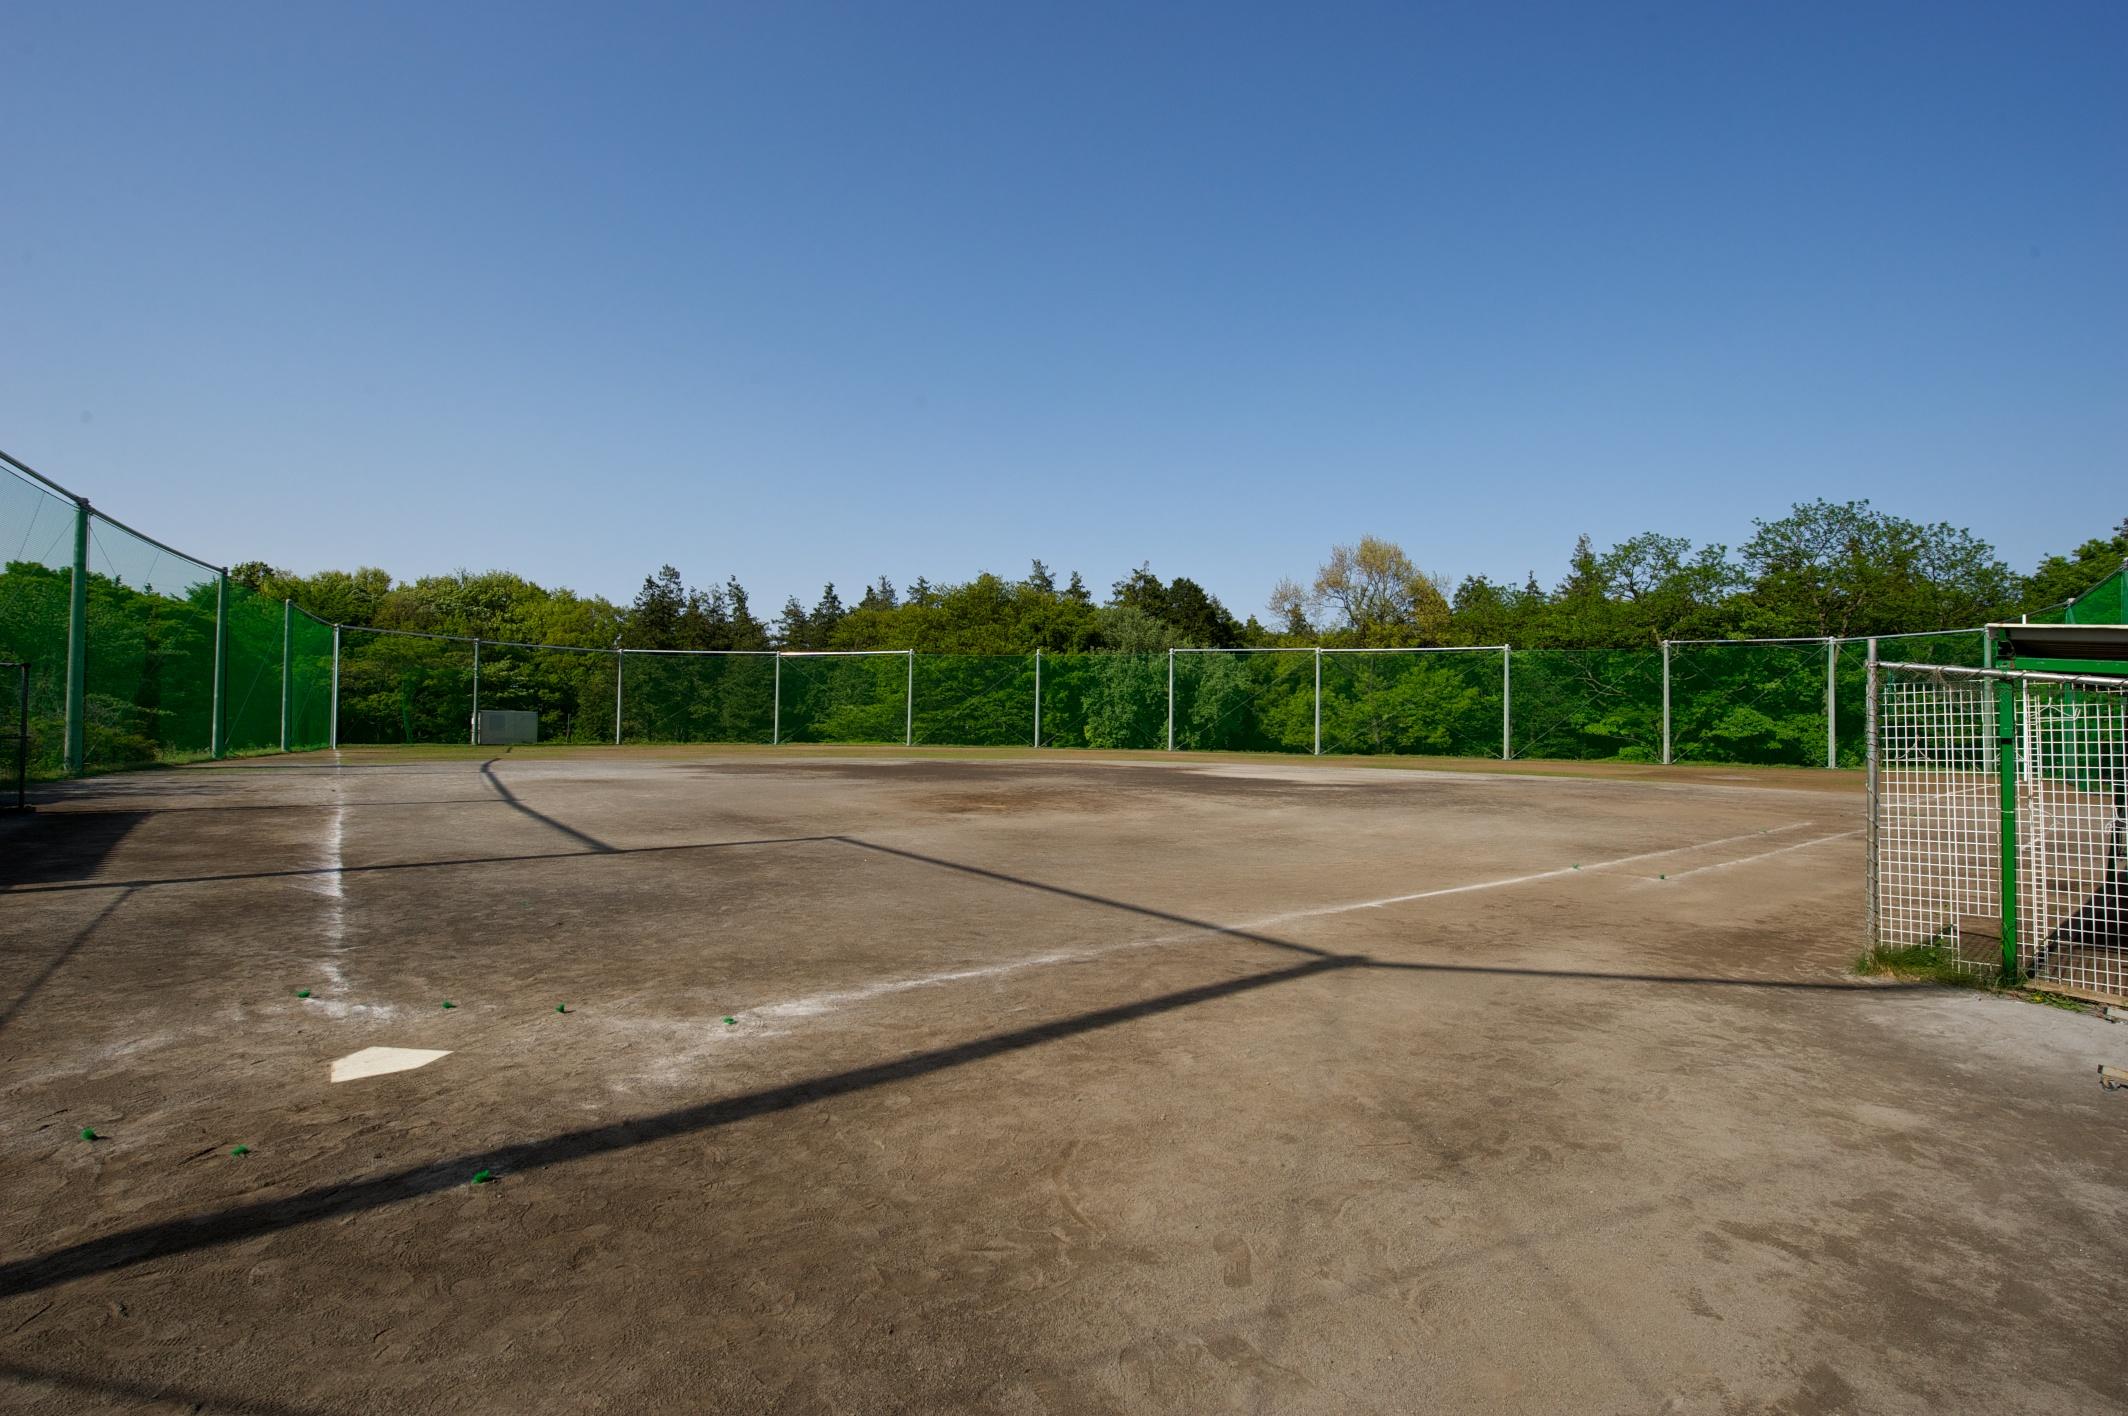 深見歴史の森スポーツ広場